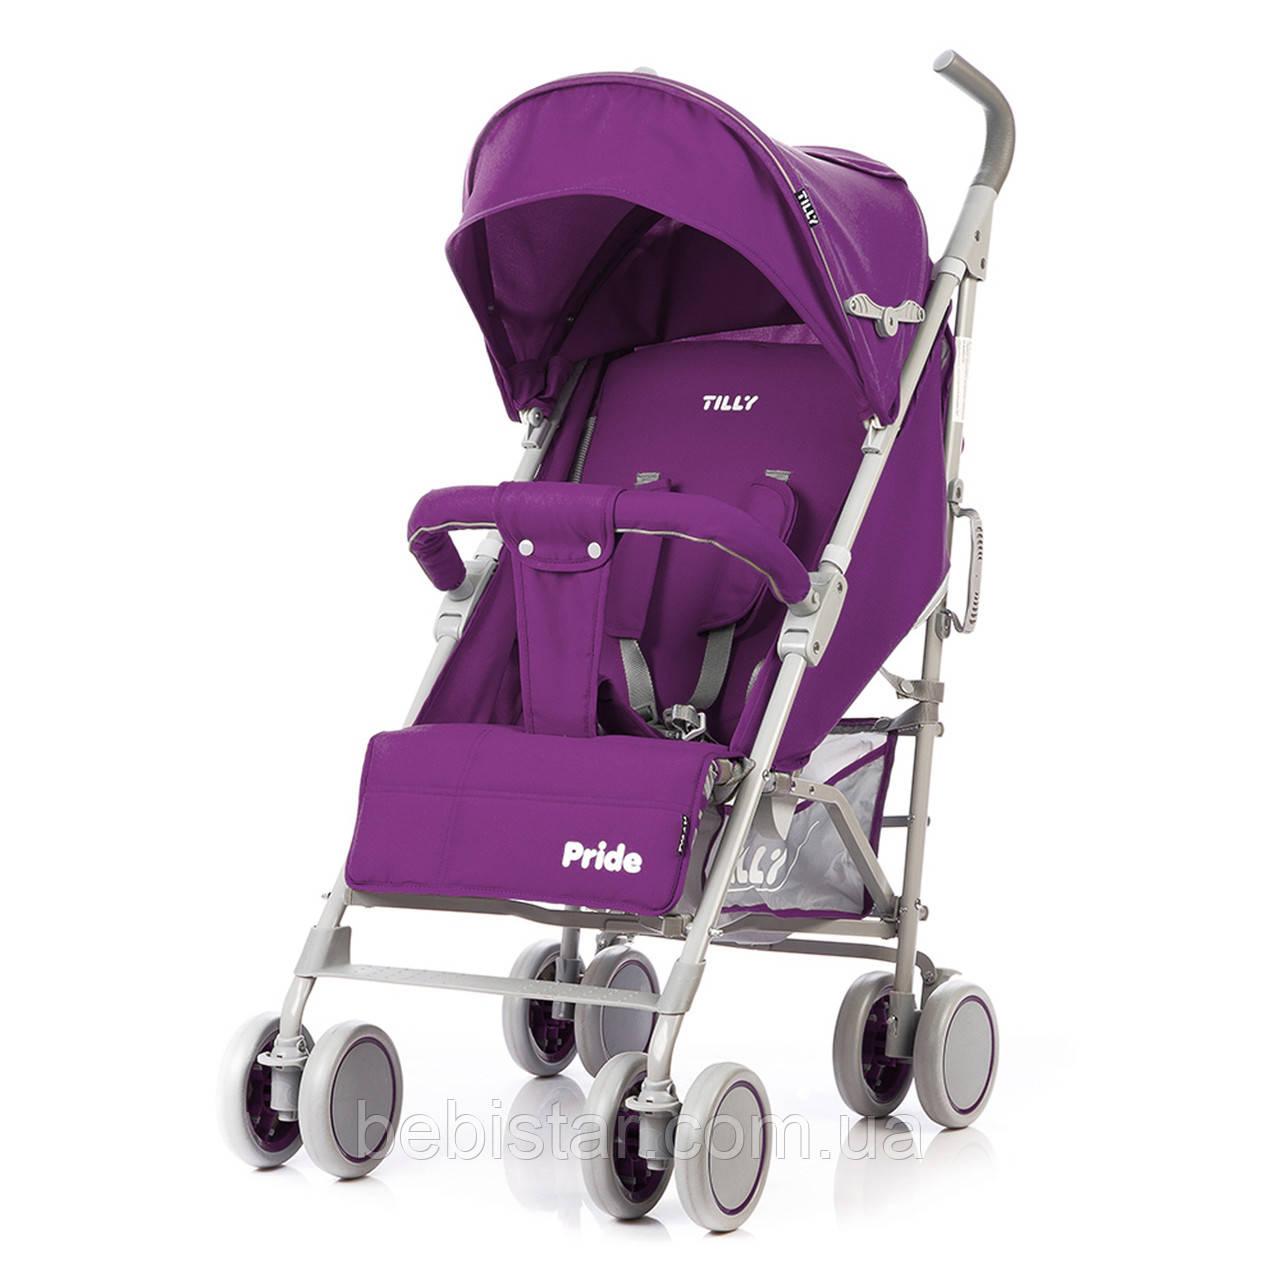 Детская прогулочная коляска TILLY Pride T-1412 Purple